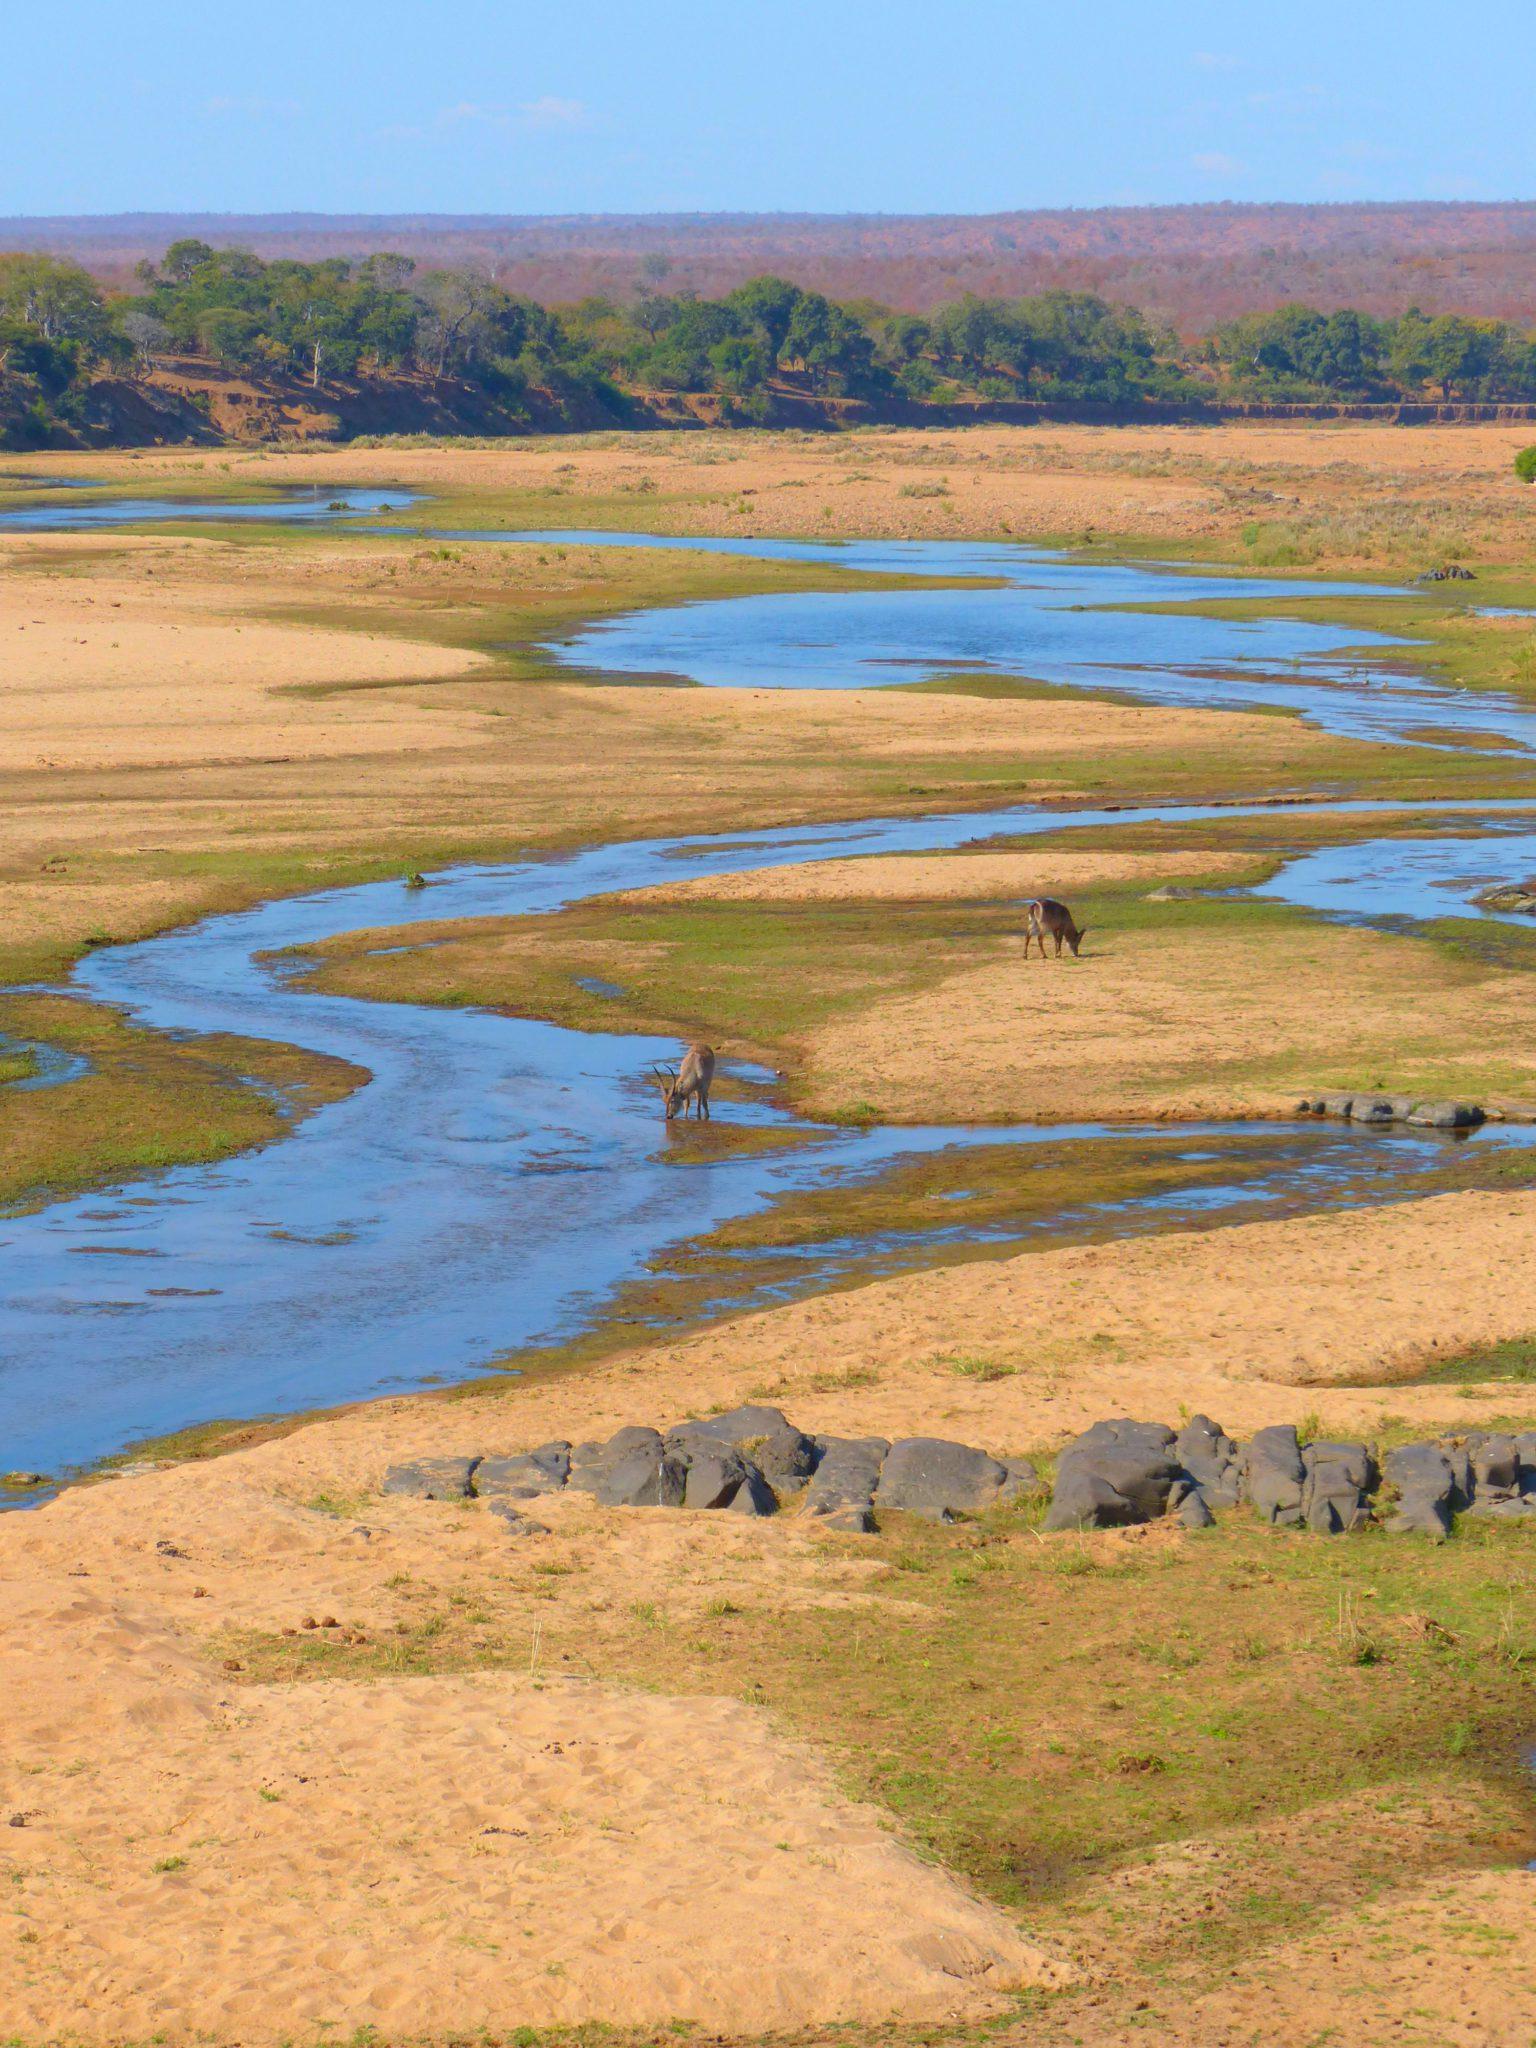 Sabie River - Kruger